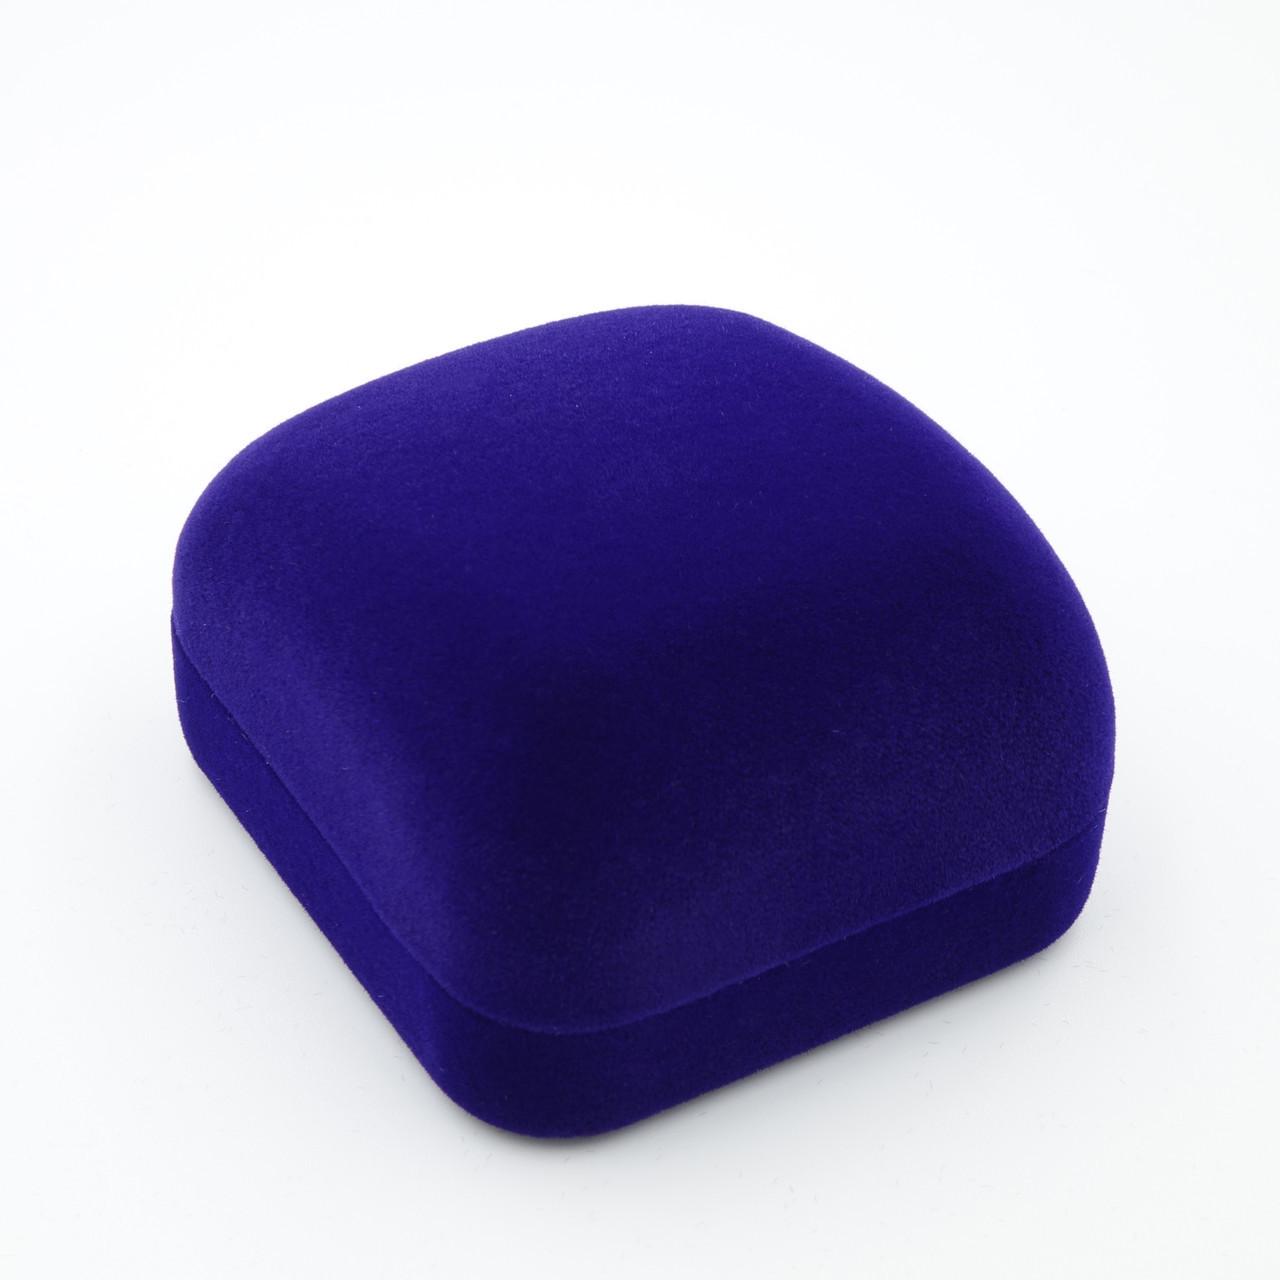 Футляр под ювелирные изделия Классика квадрат синий